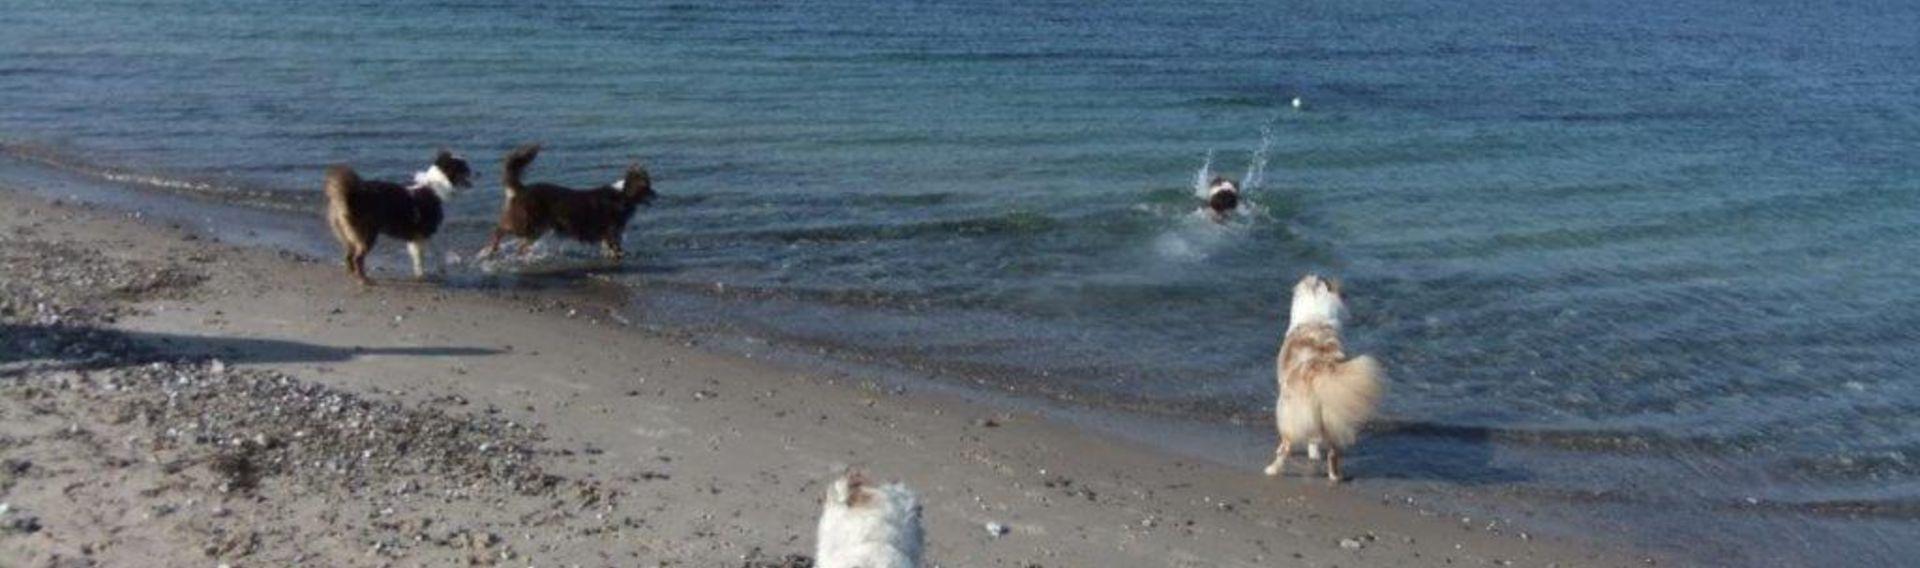 Urlaub mit Hund Insel Fehmarn